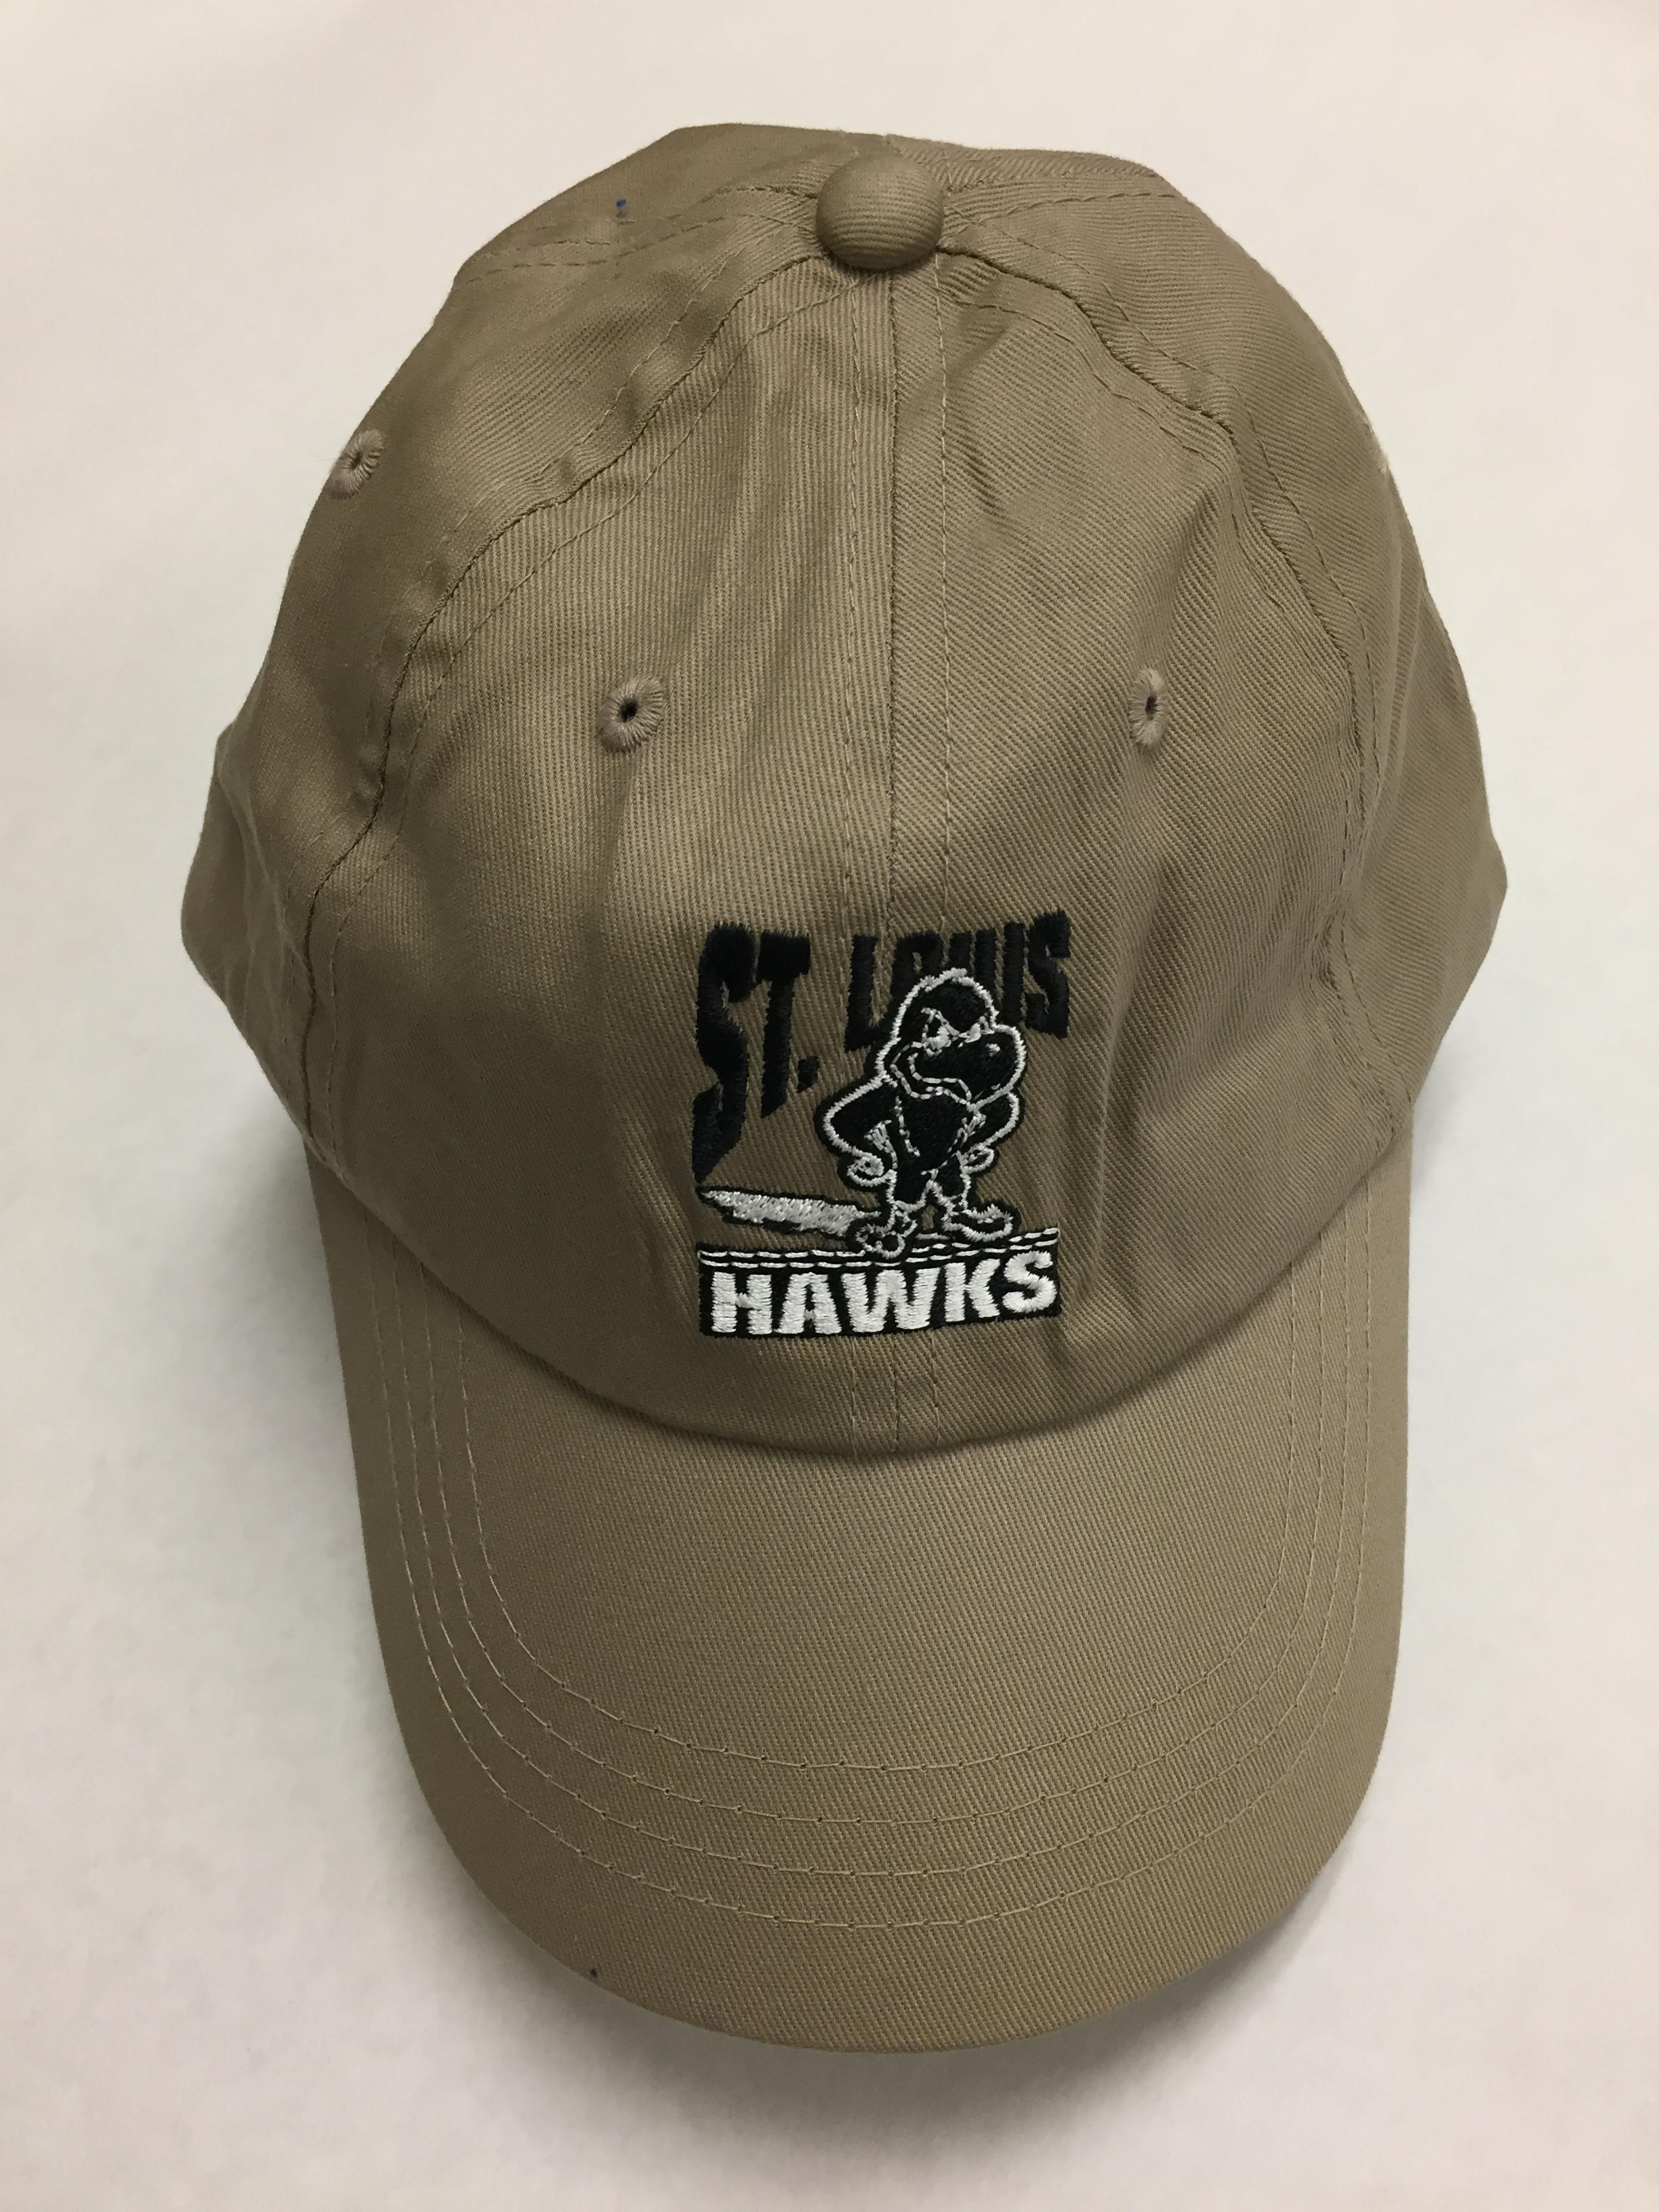 SALE! Hawks Baseball Cap